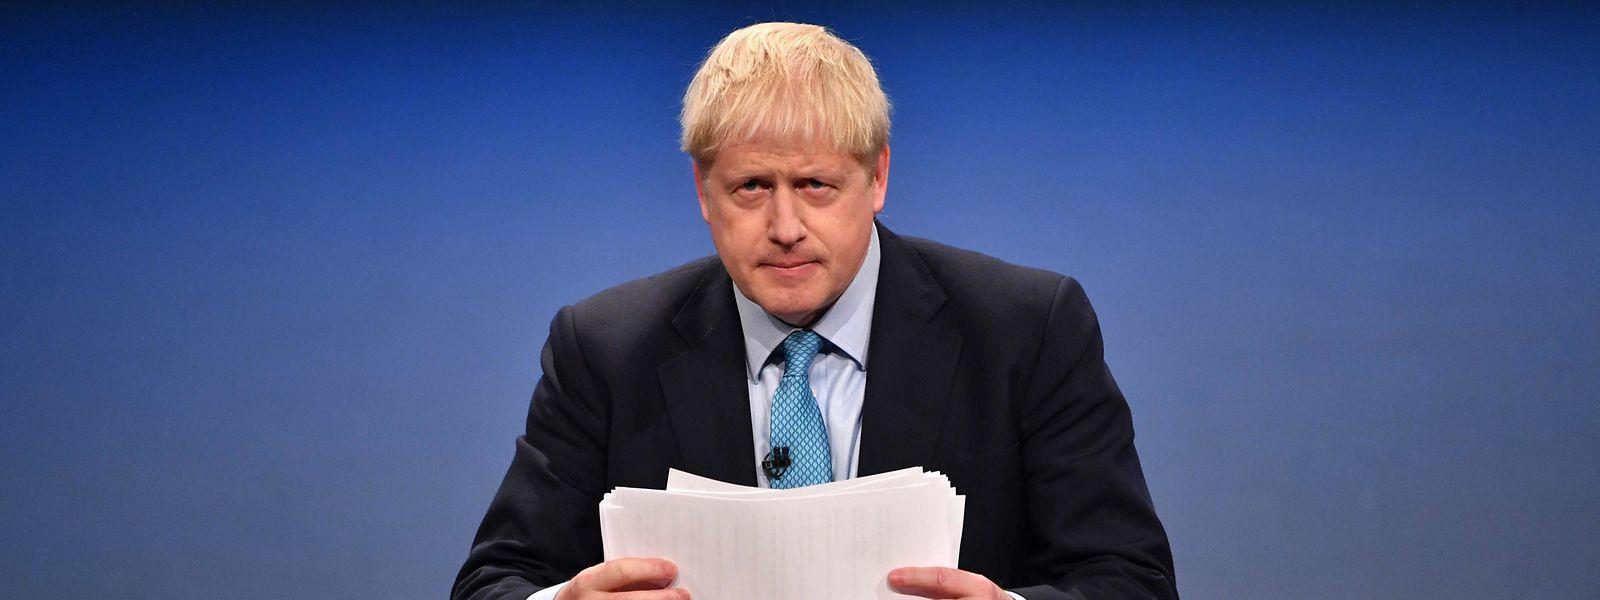 Boris Johnson während seiner Rede auf dem Parteikongress der britischen Konservativen.